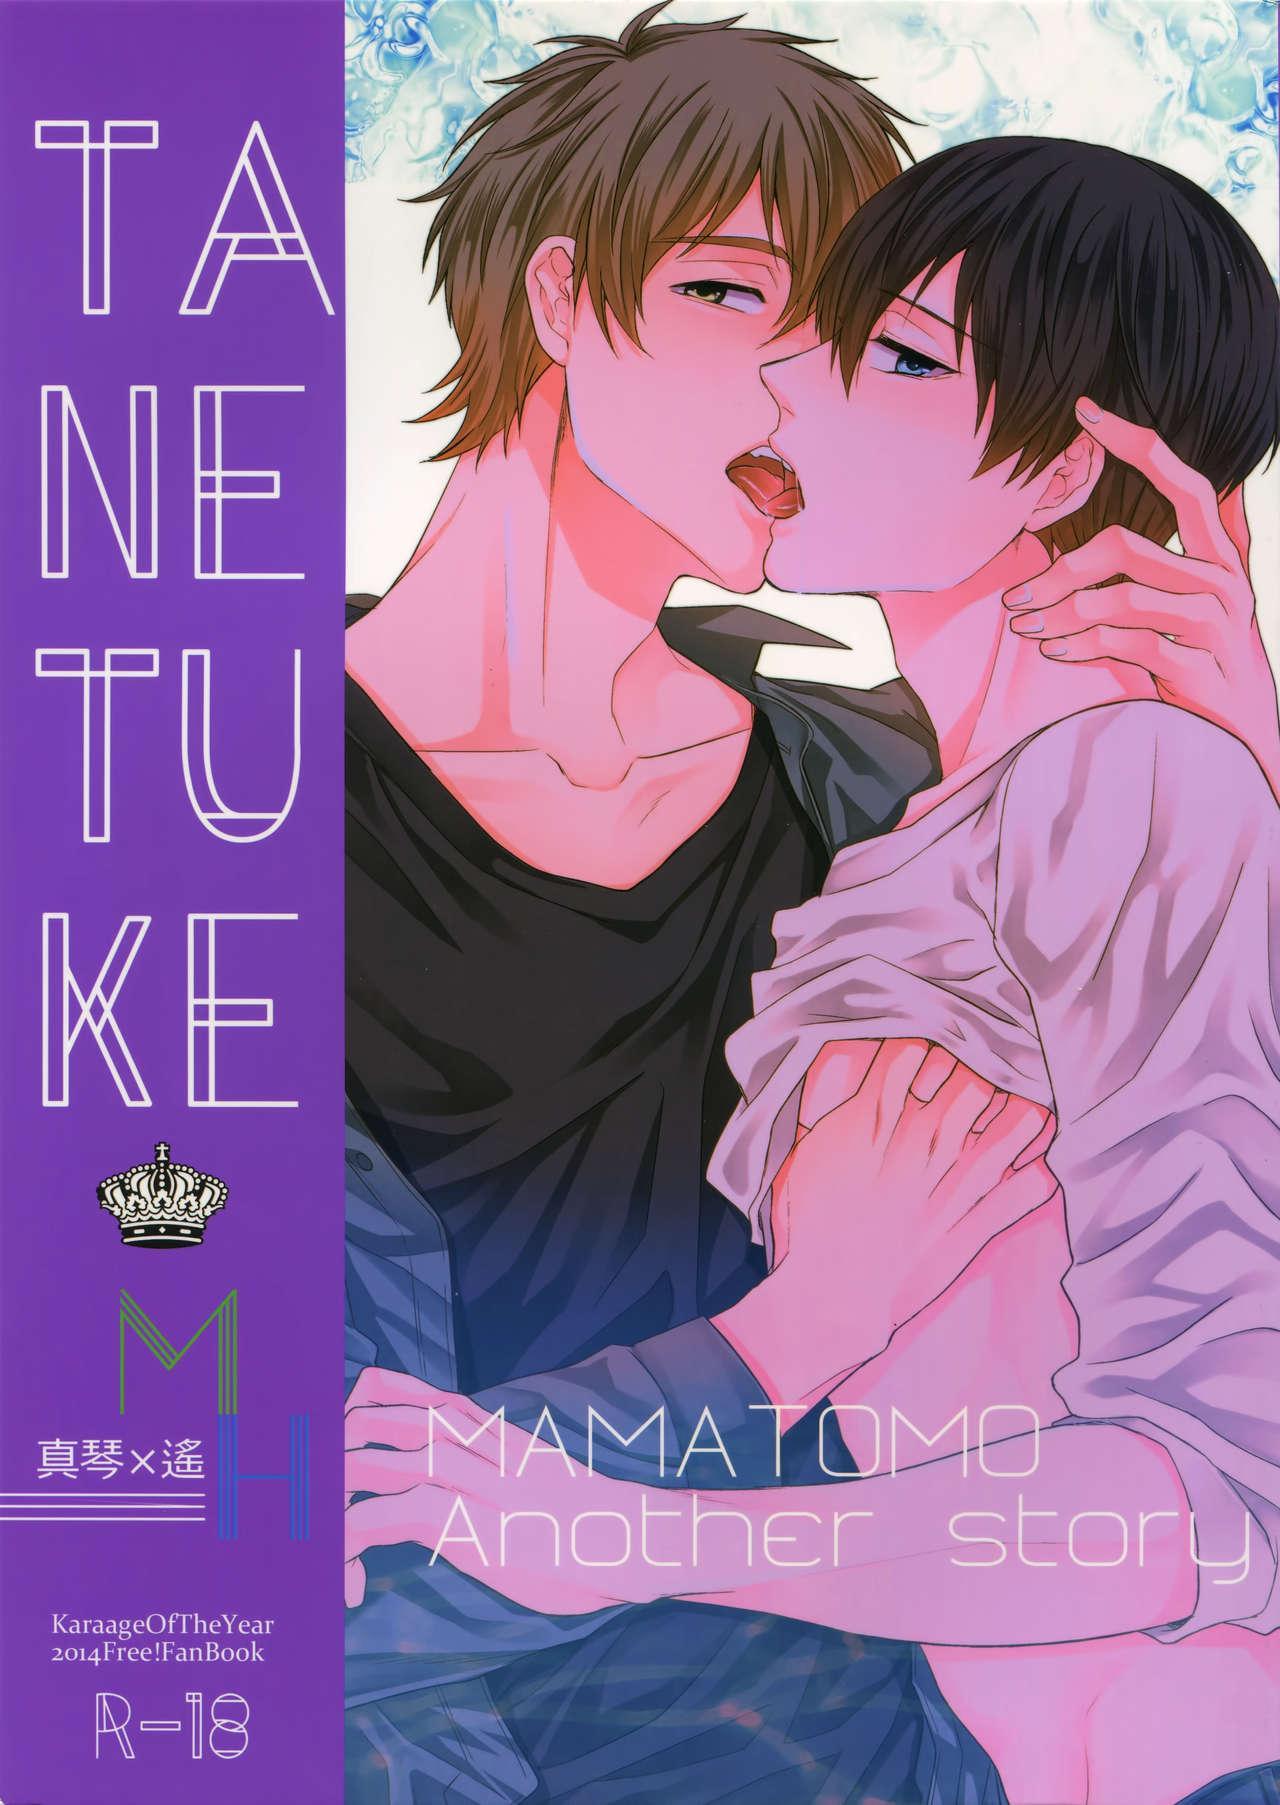 TANETUKE MH 0